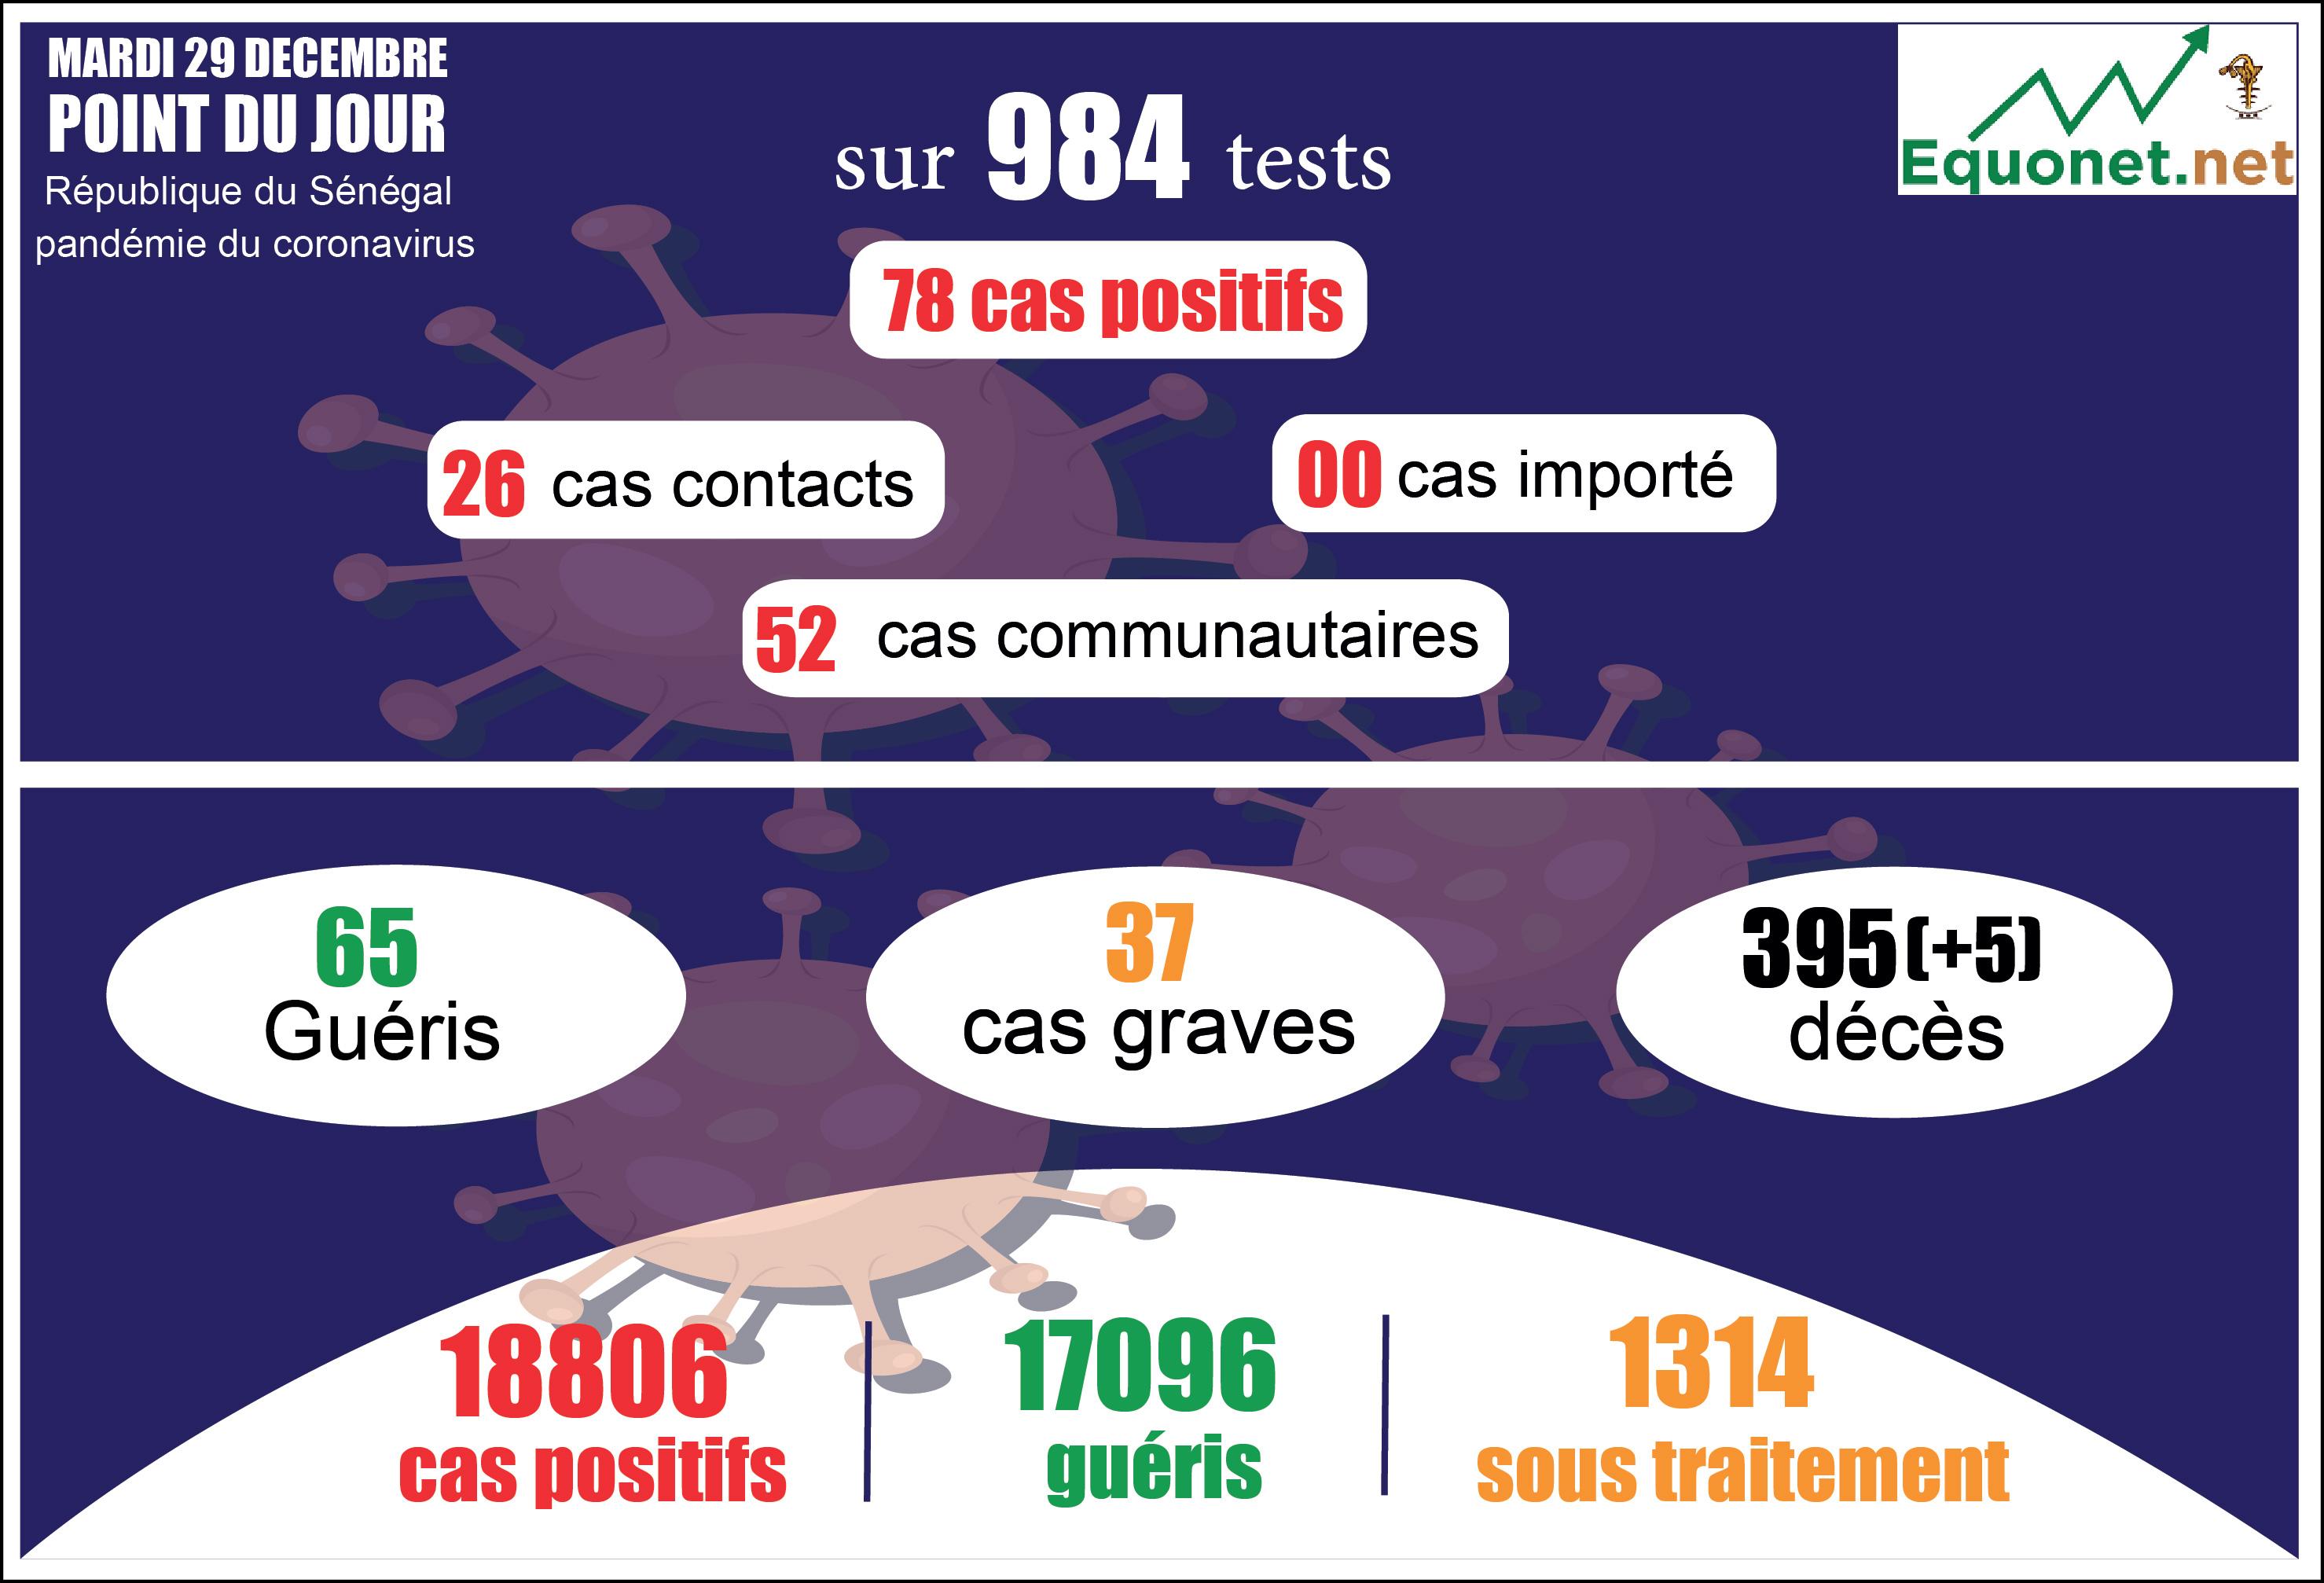 pandémie du coronavirus-covid-19 au sénégal : 52 cas communautaires ont été enregistrés ce mardi 29 décembre 2020